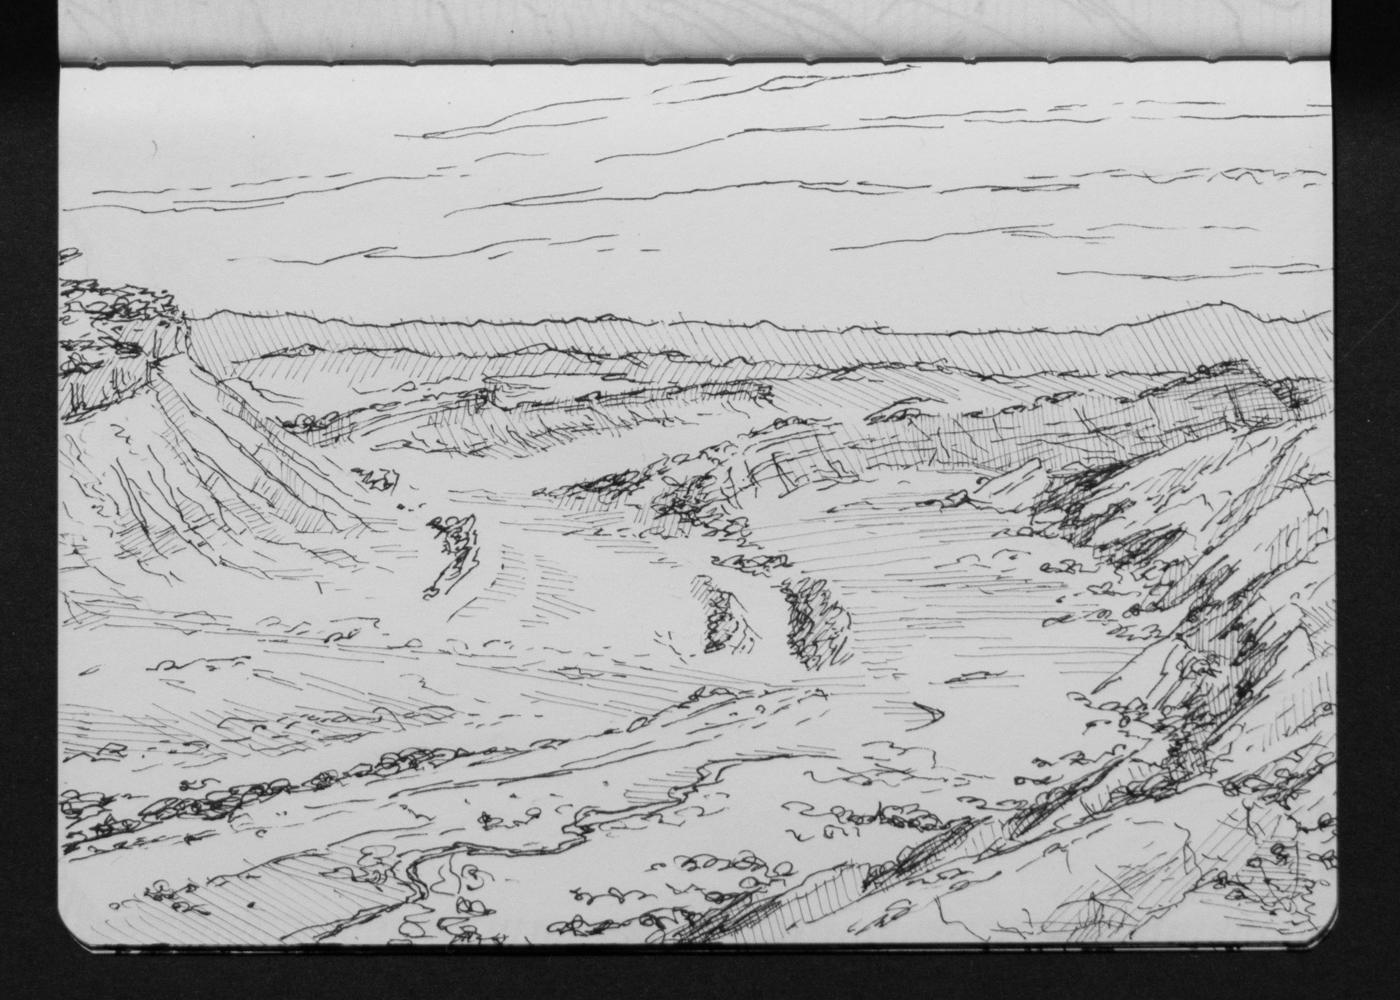 03-18 Strike Valley Overlook.jpg